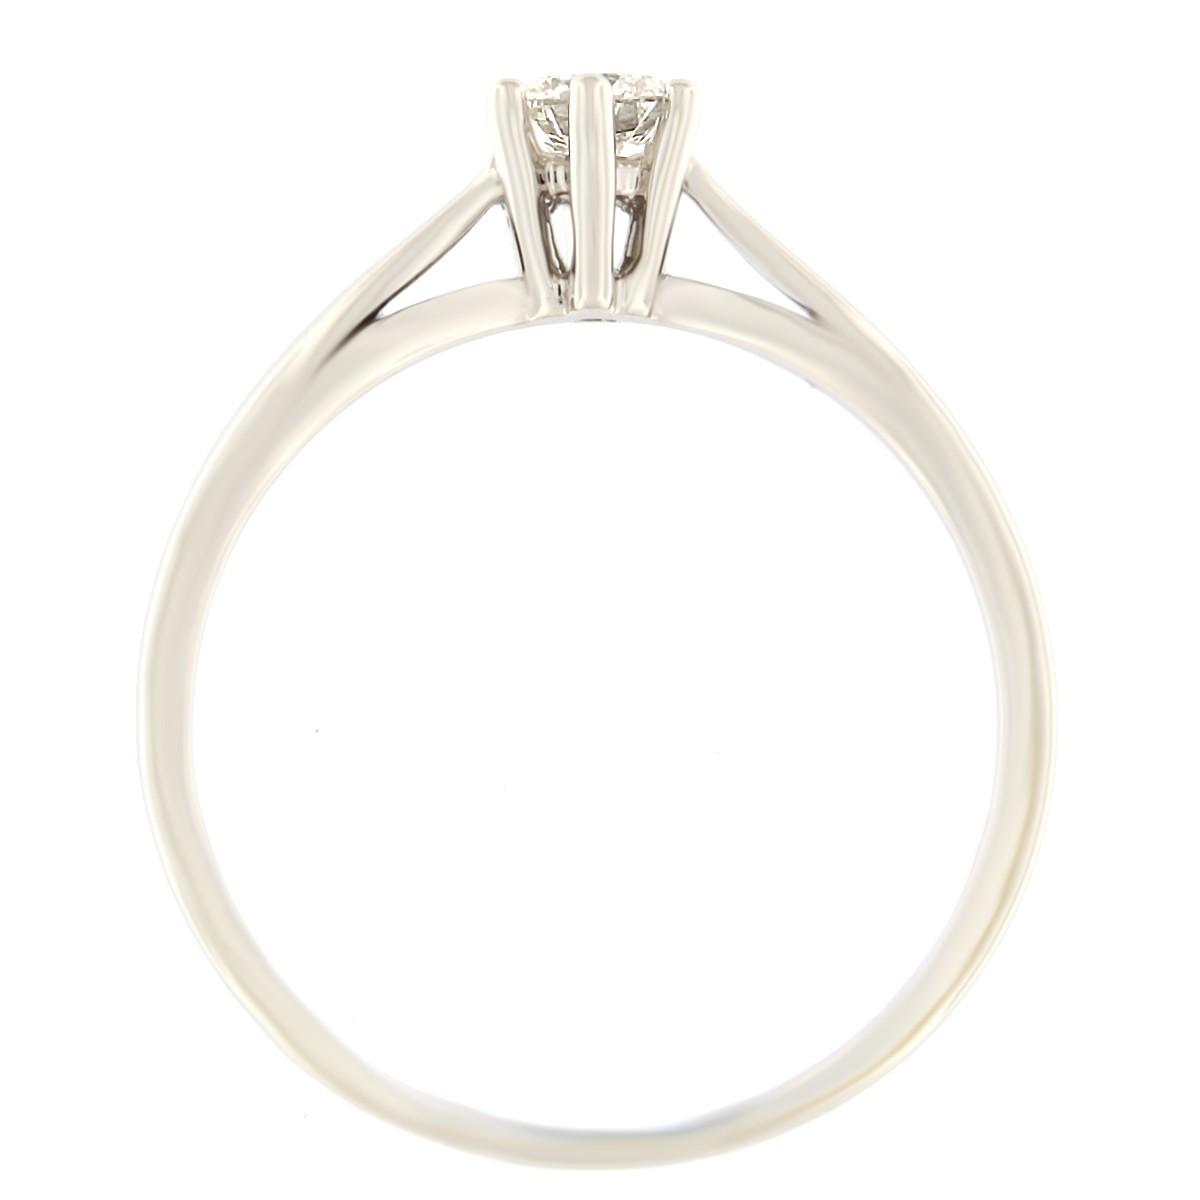 Kullast sõrmus teemantiga 0,19 ct. Kood: 48at külg